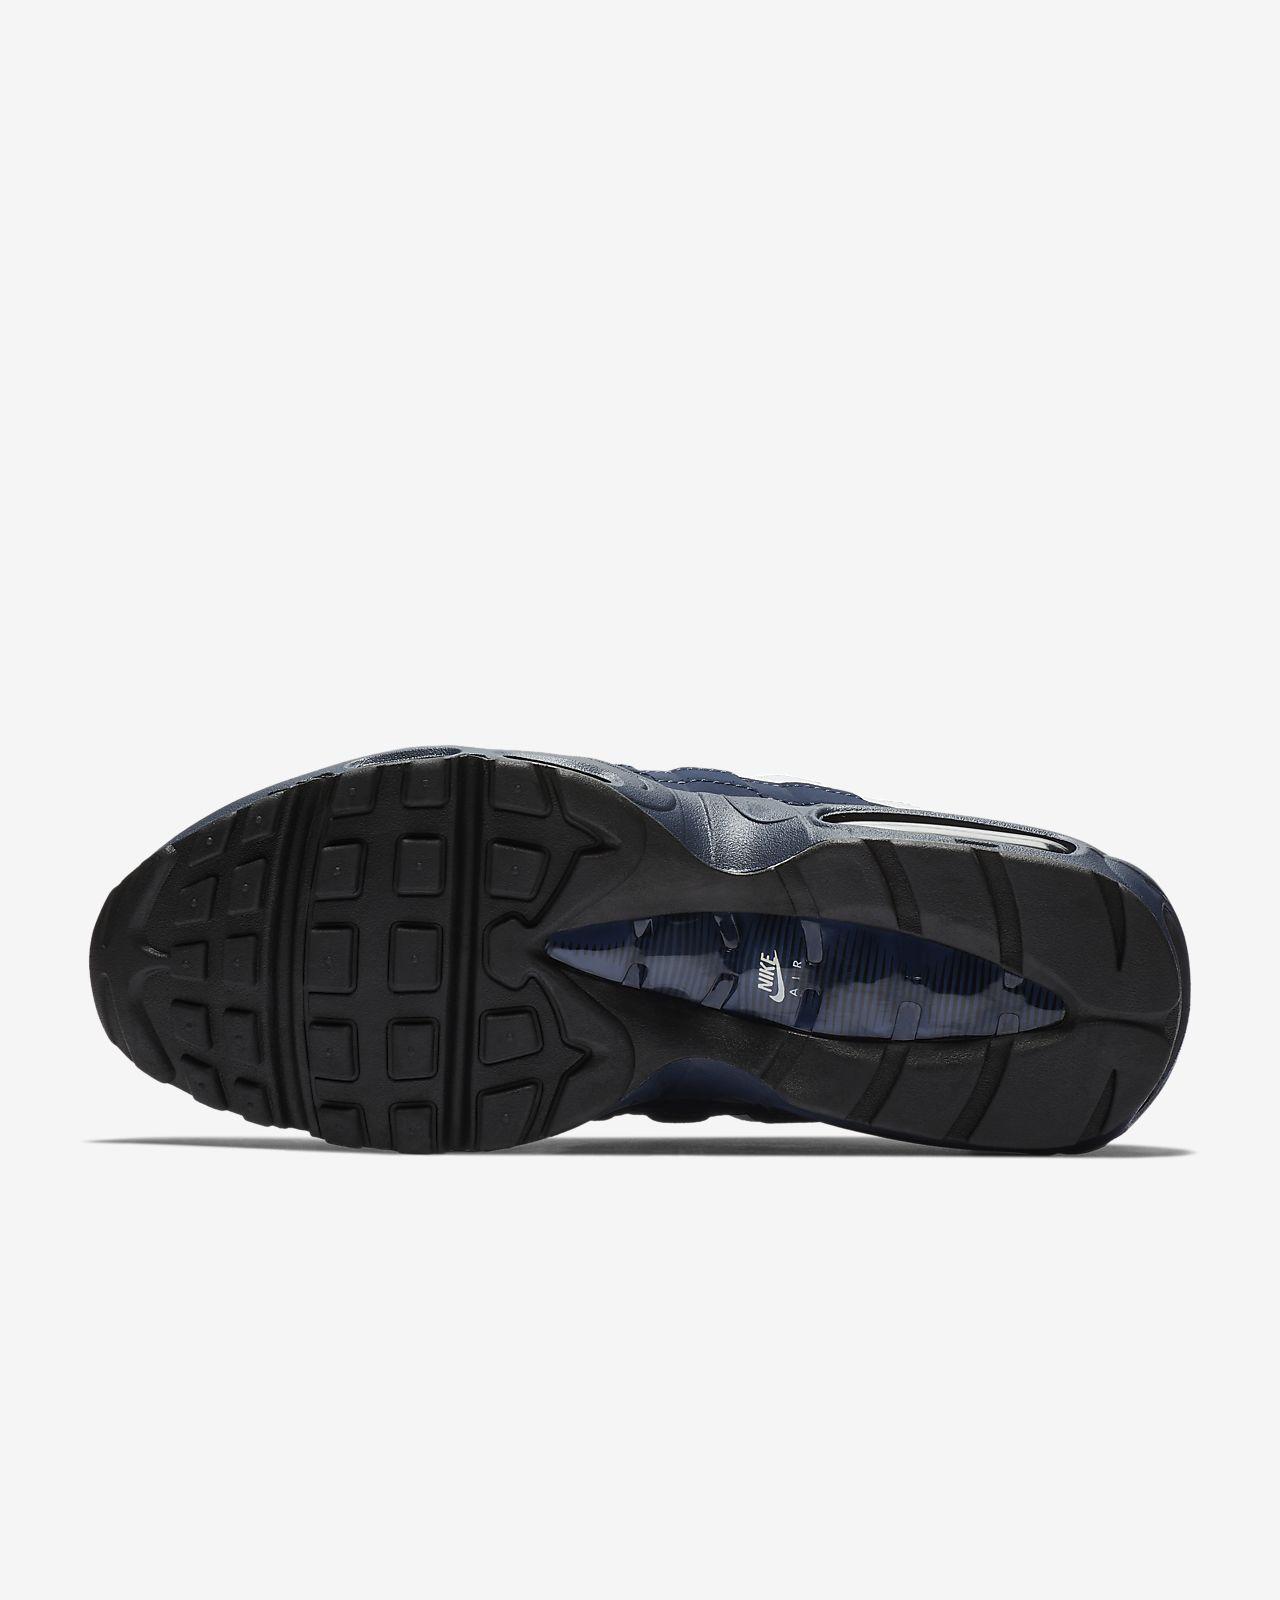 new product 811e1 dd820 ... Calzado para hombre Nike Air Max 95 Essential